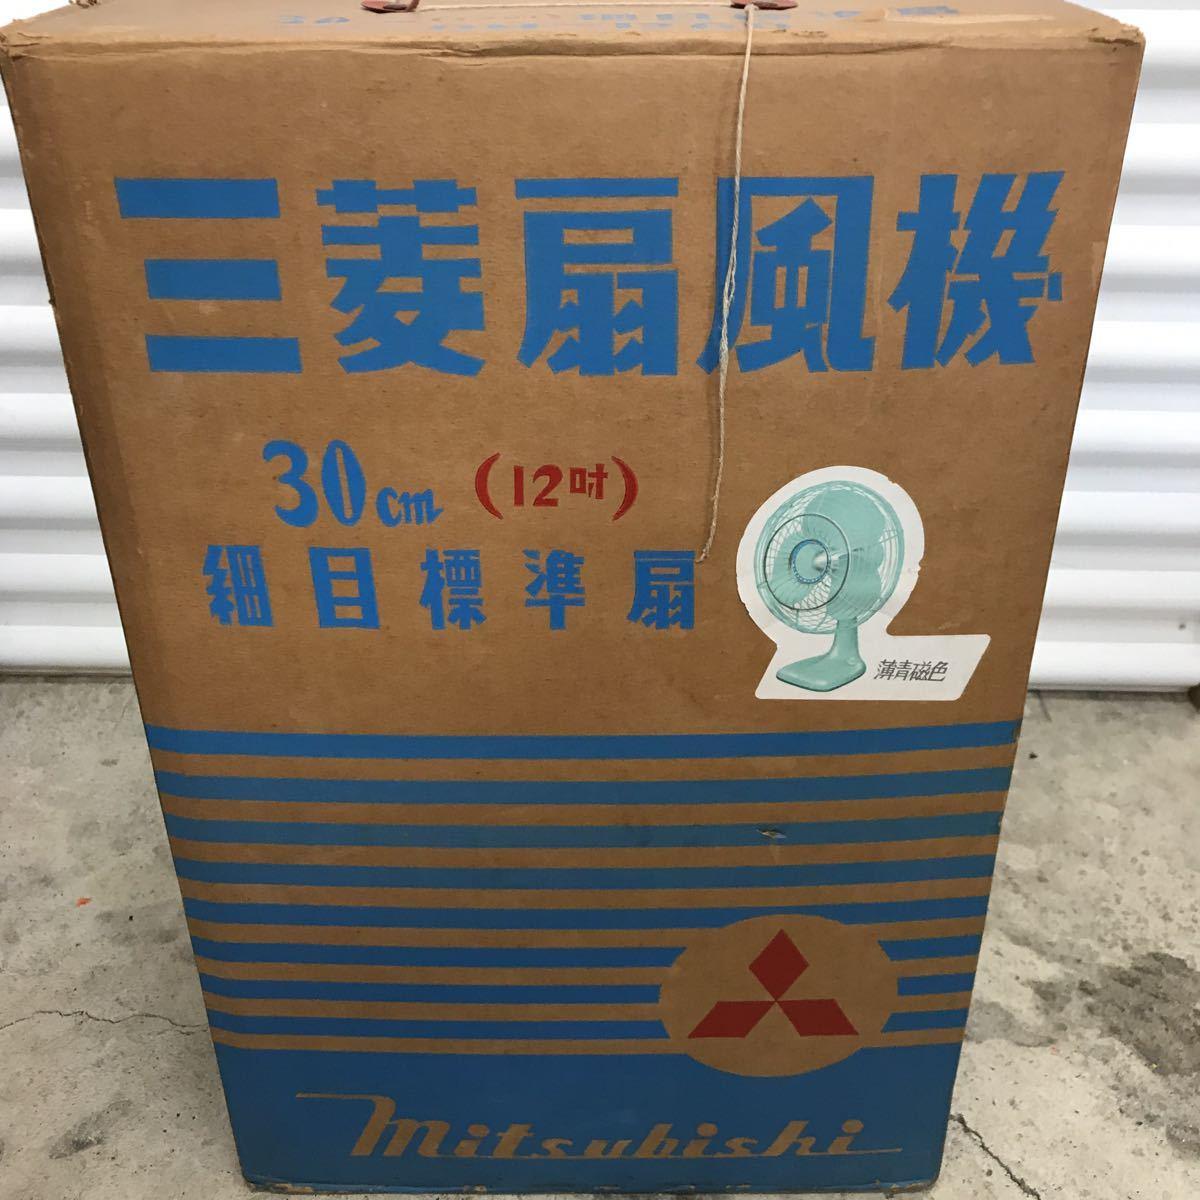 MITUBISHI 三菱 扇風機 稼働品 元箱付 細目標準扇 30cm レトロ扇風機 昭和レトロ アンティーク 当時物 レア_画像5